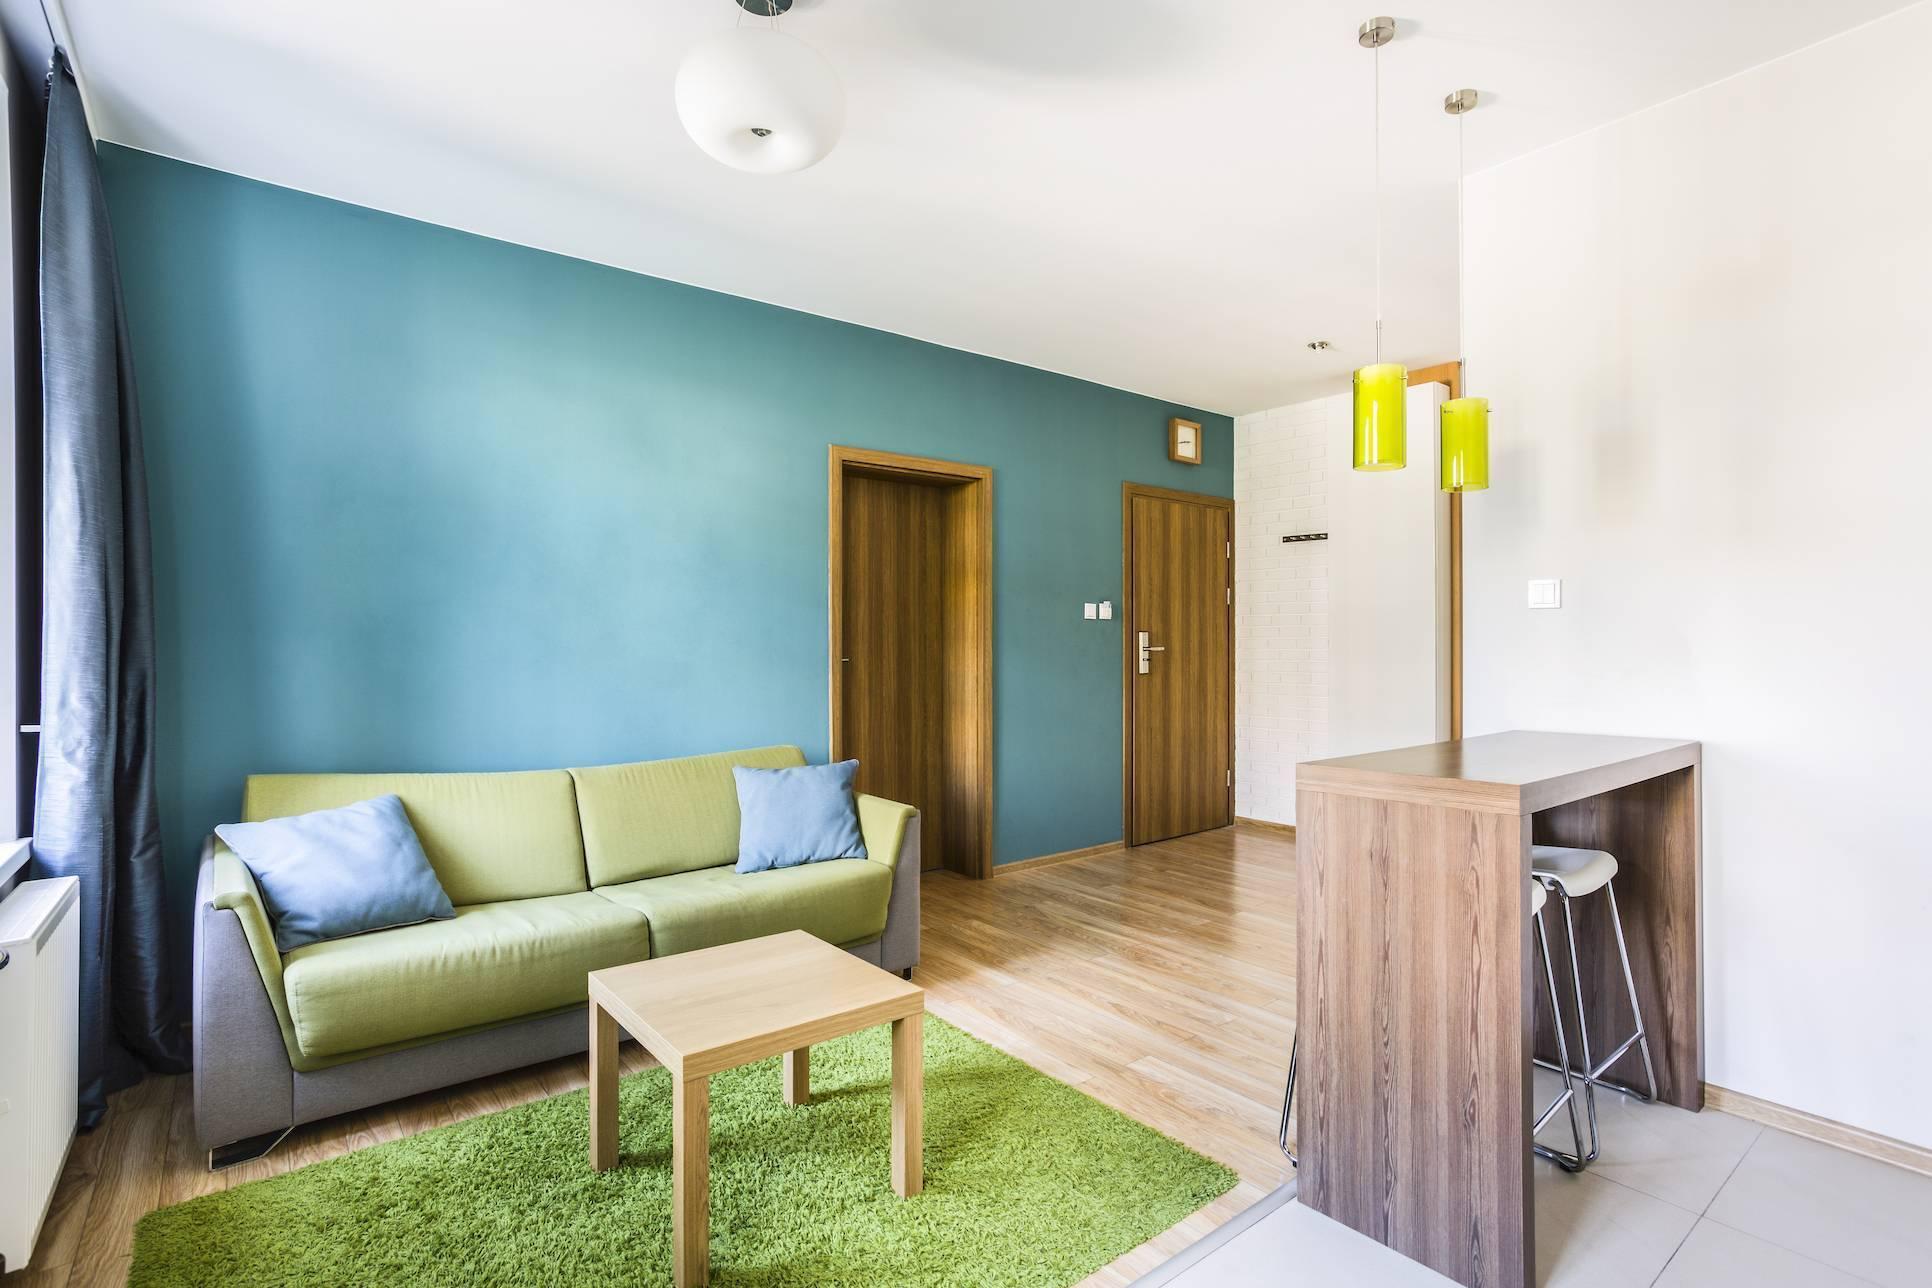 Как сделать ремонт в квартире недорого, но красиво